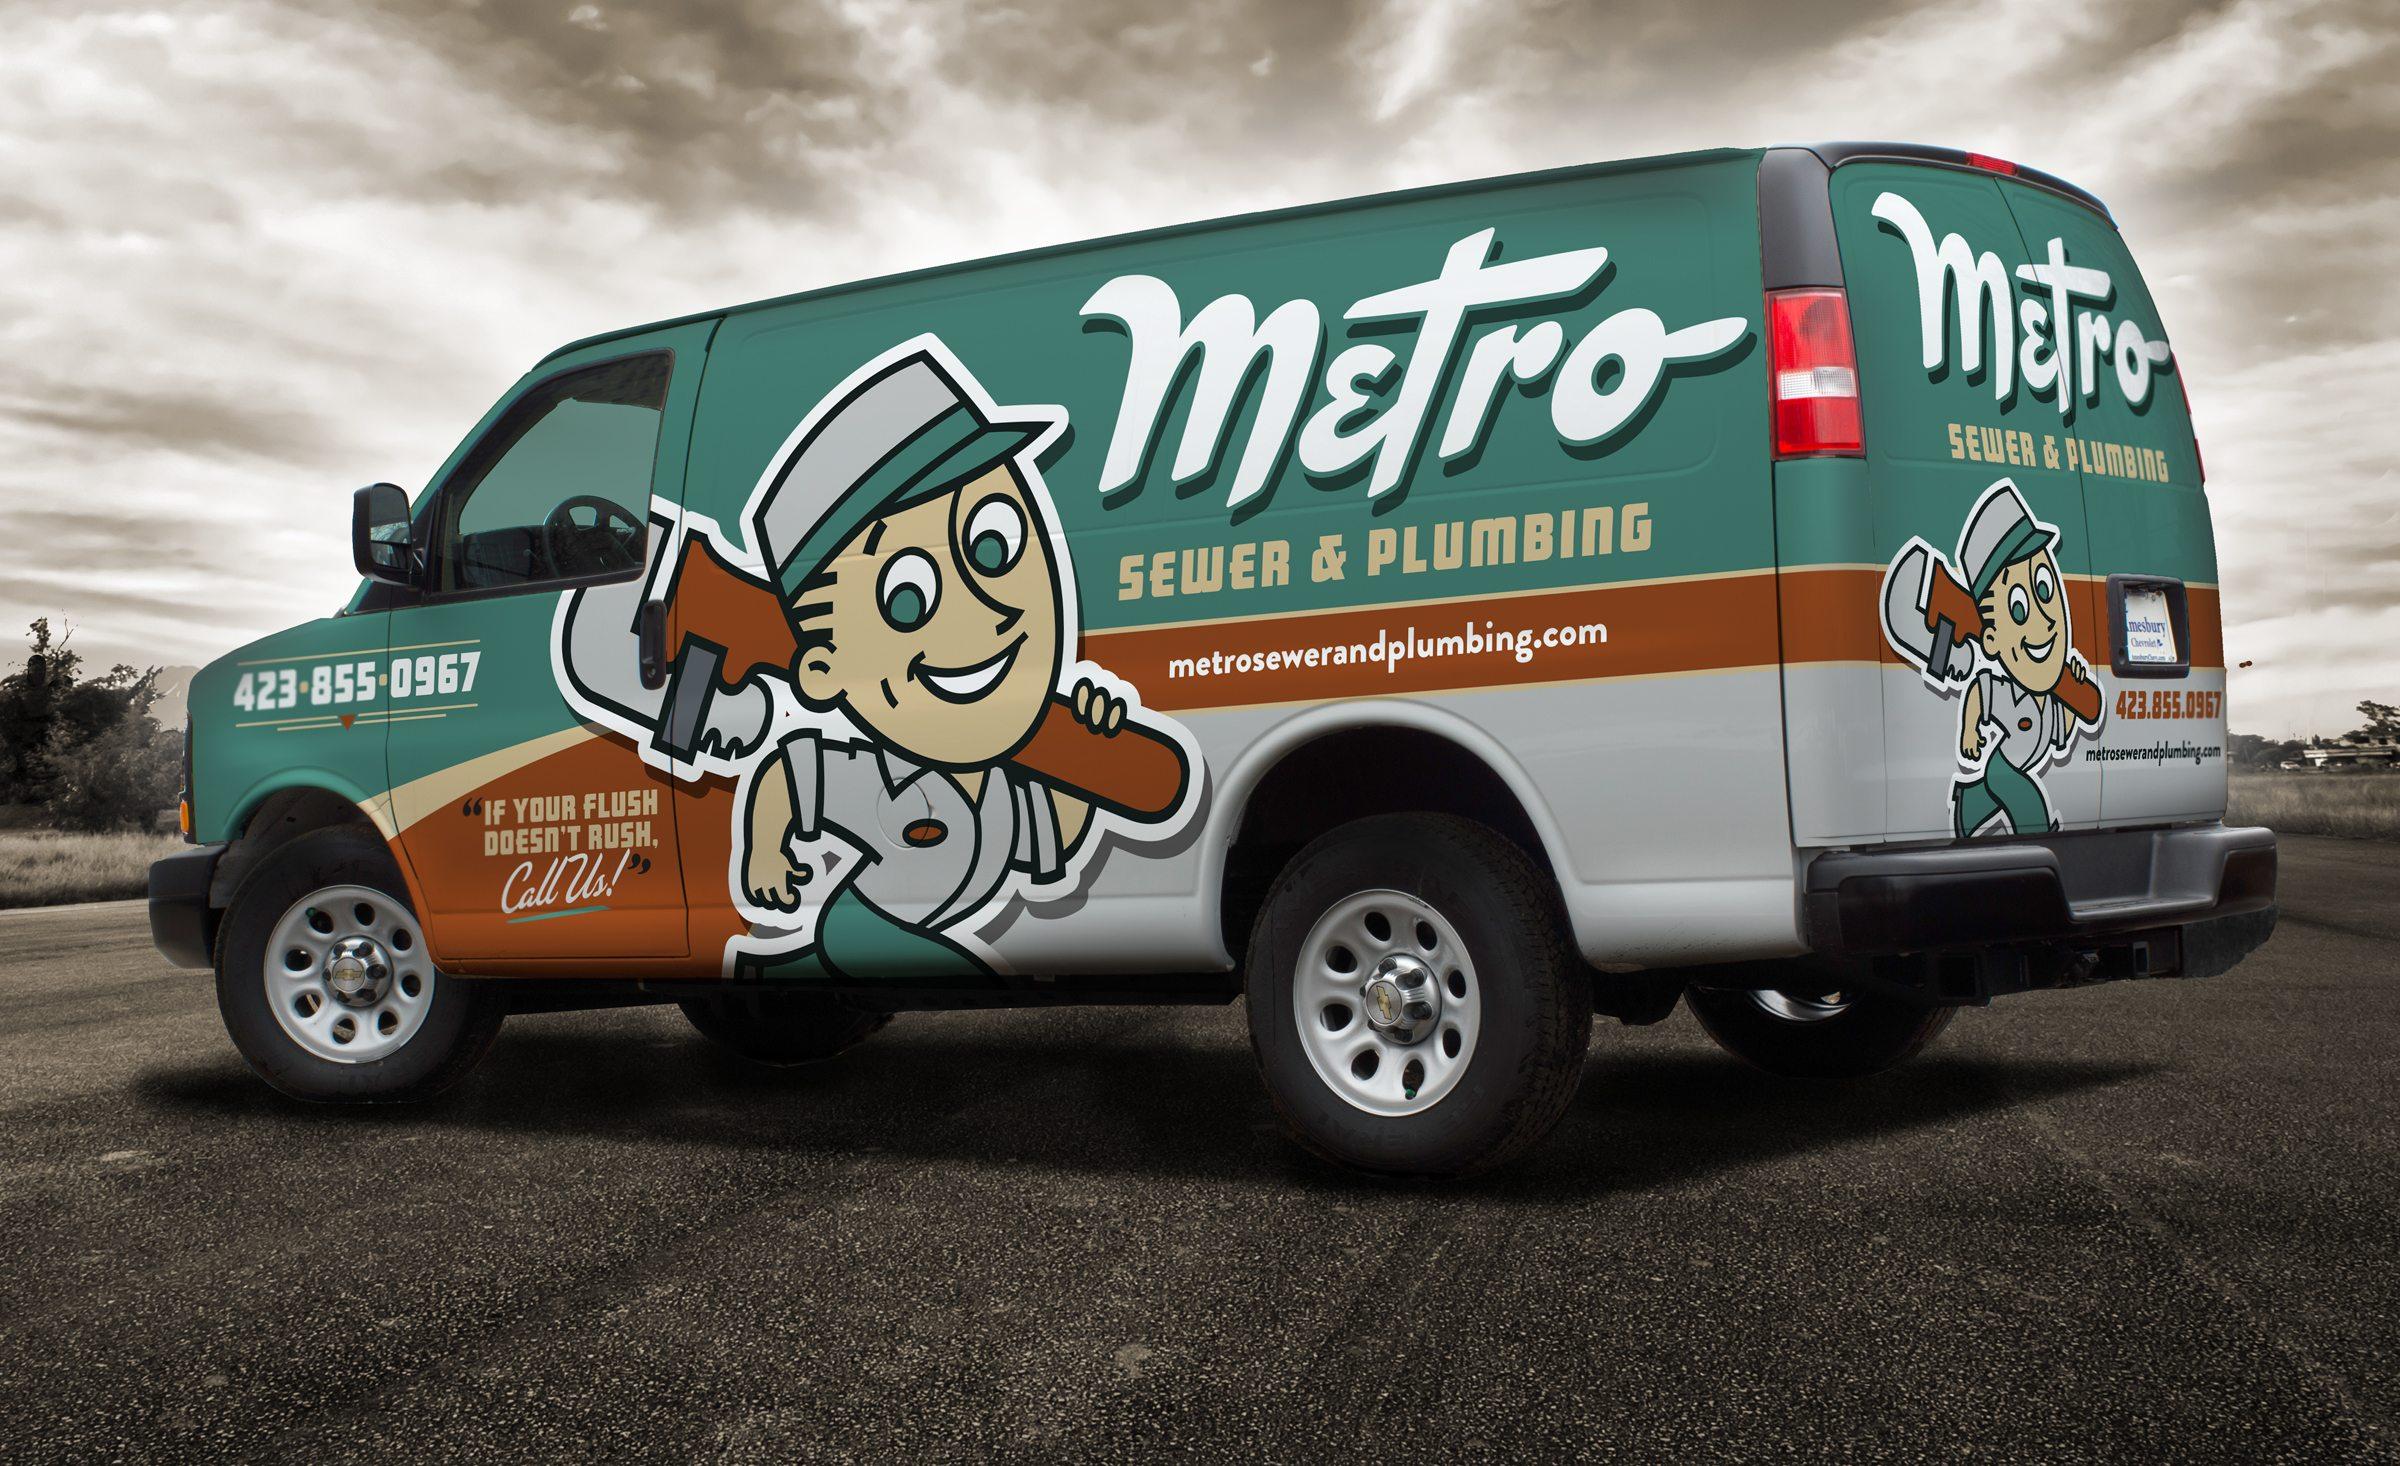 garage door decals great idea - Truck Wraps Van Wraps in NJ Fleet Branding